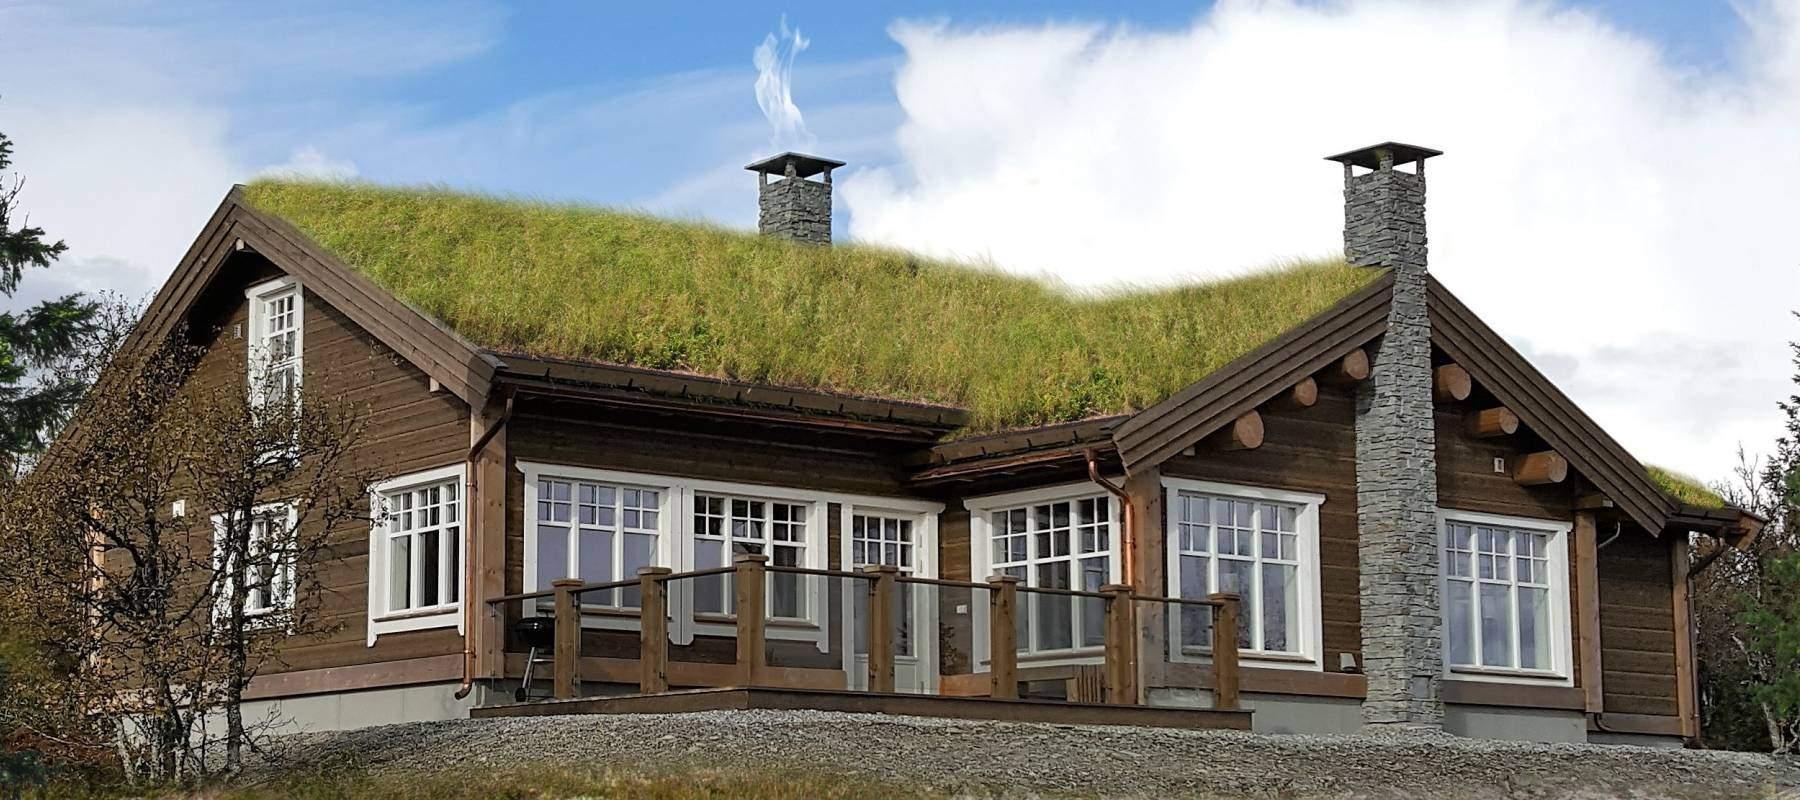 3800 Hytteleverandor – Tiurtoppen Hytter Inspirasjon hytte pa Gålå